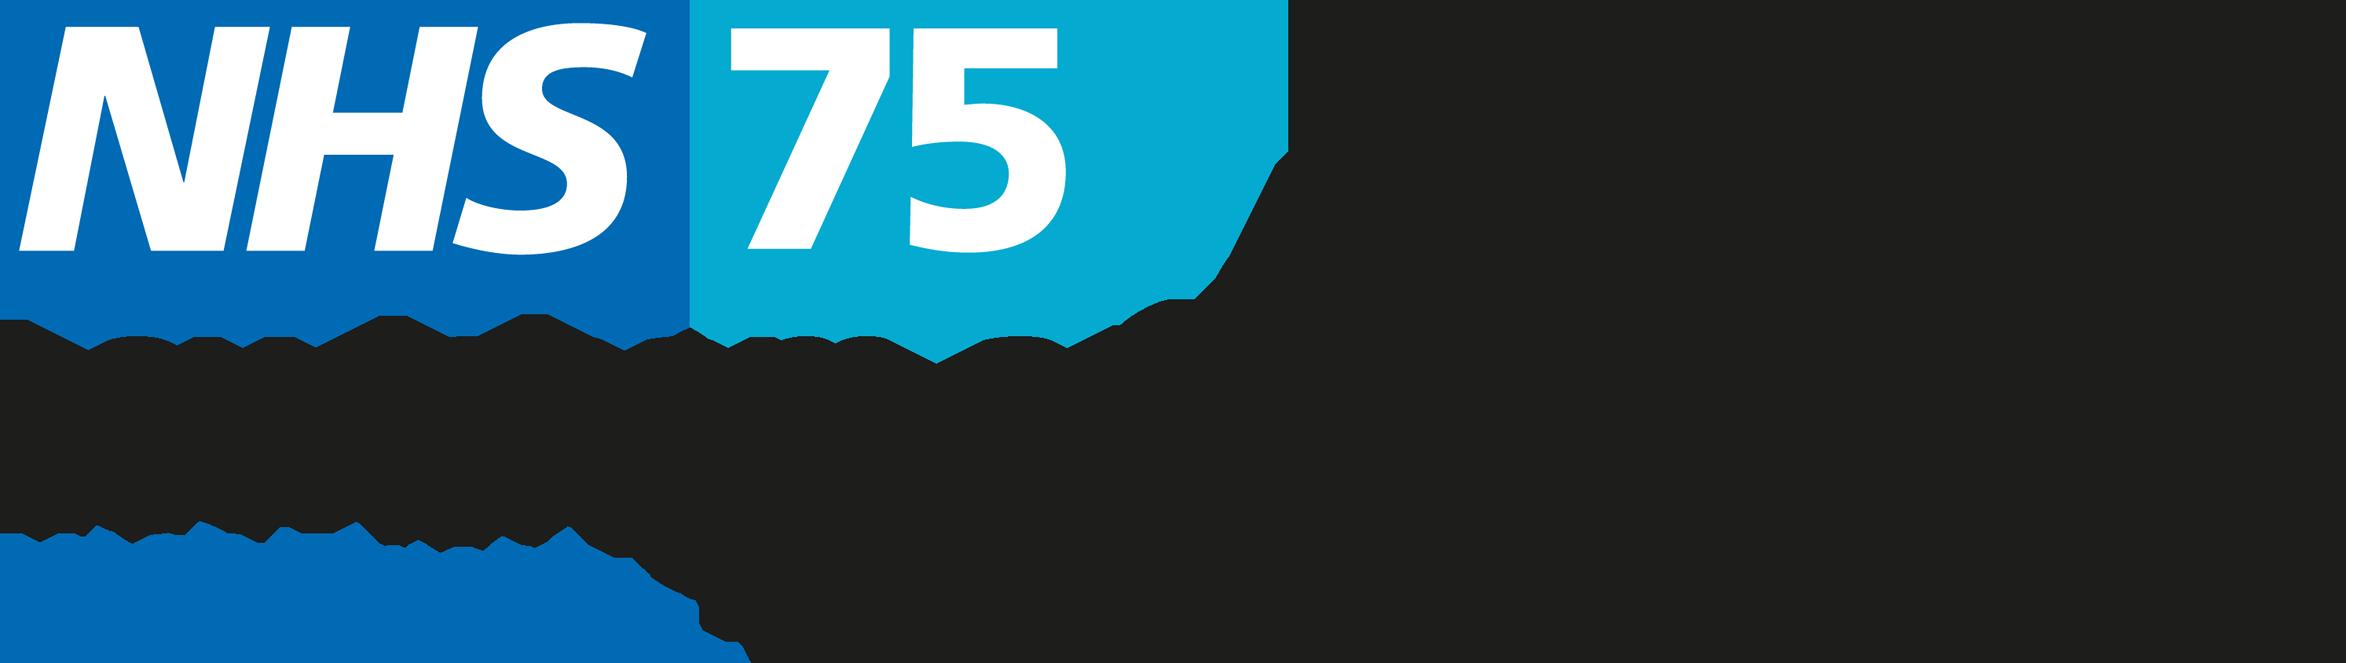 lewisham greenwich nursing agency